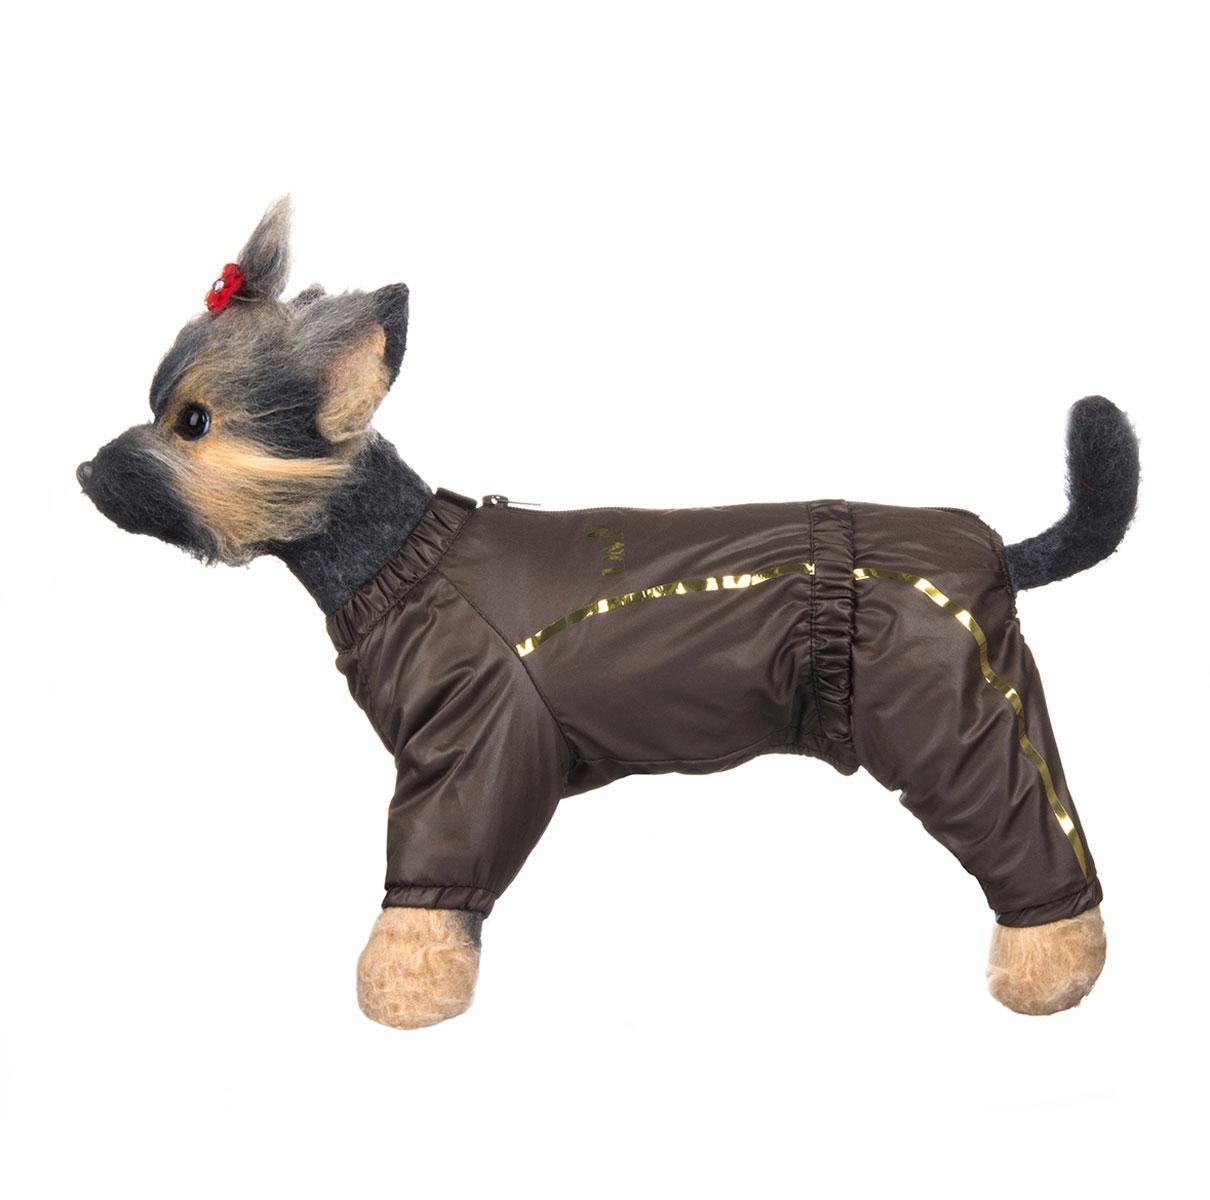 Комбинезон для собак Dogmoda Альпы, для мальчика, цвет: коричневый. Размер 3 (L)0120710Комбинезон для собак Dogmoda Альпы отлично подойдет для прогулок поздней осенью или ранней весной.Комбинезон изготовлен из полиэстера, защищающего от ветра и осадков, с подкладкой из флиса, которая сохранит тепло и обеспечит отличный воздухообмен. Комбинезон застегивается на молнию и липучку, благодаря чему его легко надевать и снимать. Ворот, низ рукавов и брючин оснащены внутренними резинками, которые мягко обхватывают шею и лапки, не позволяя просачиваться холодному воздуху. На пояснице имеется внутренняя резинка. Изделие декорировано золотистыми полосками и надписью DM.Благодаря такому комбинезону простуда не грозит вашему питомцу и он не даст любимцу продрогнуть на прогулке.